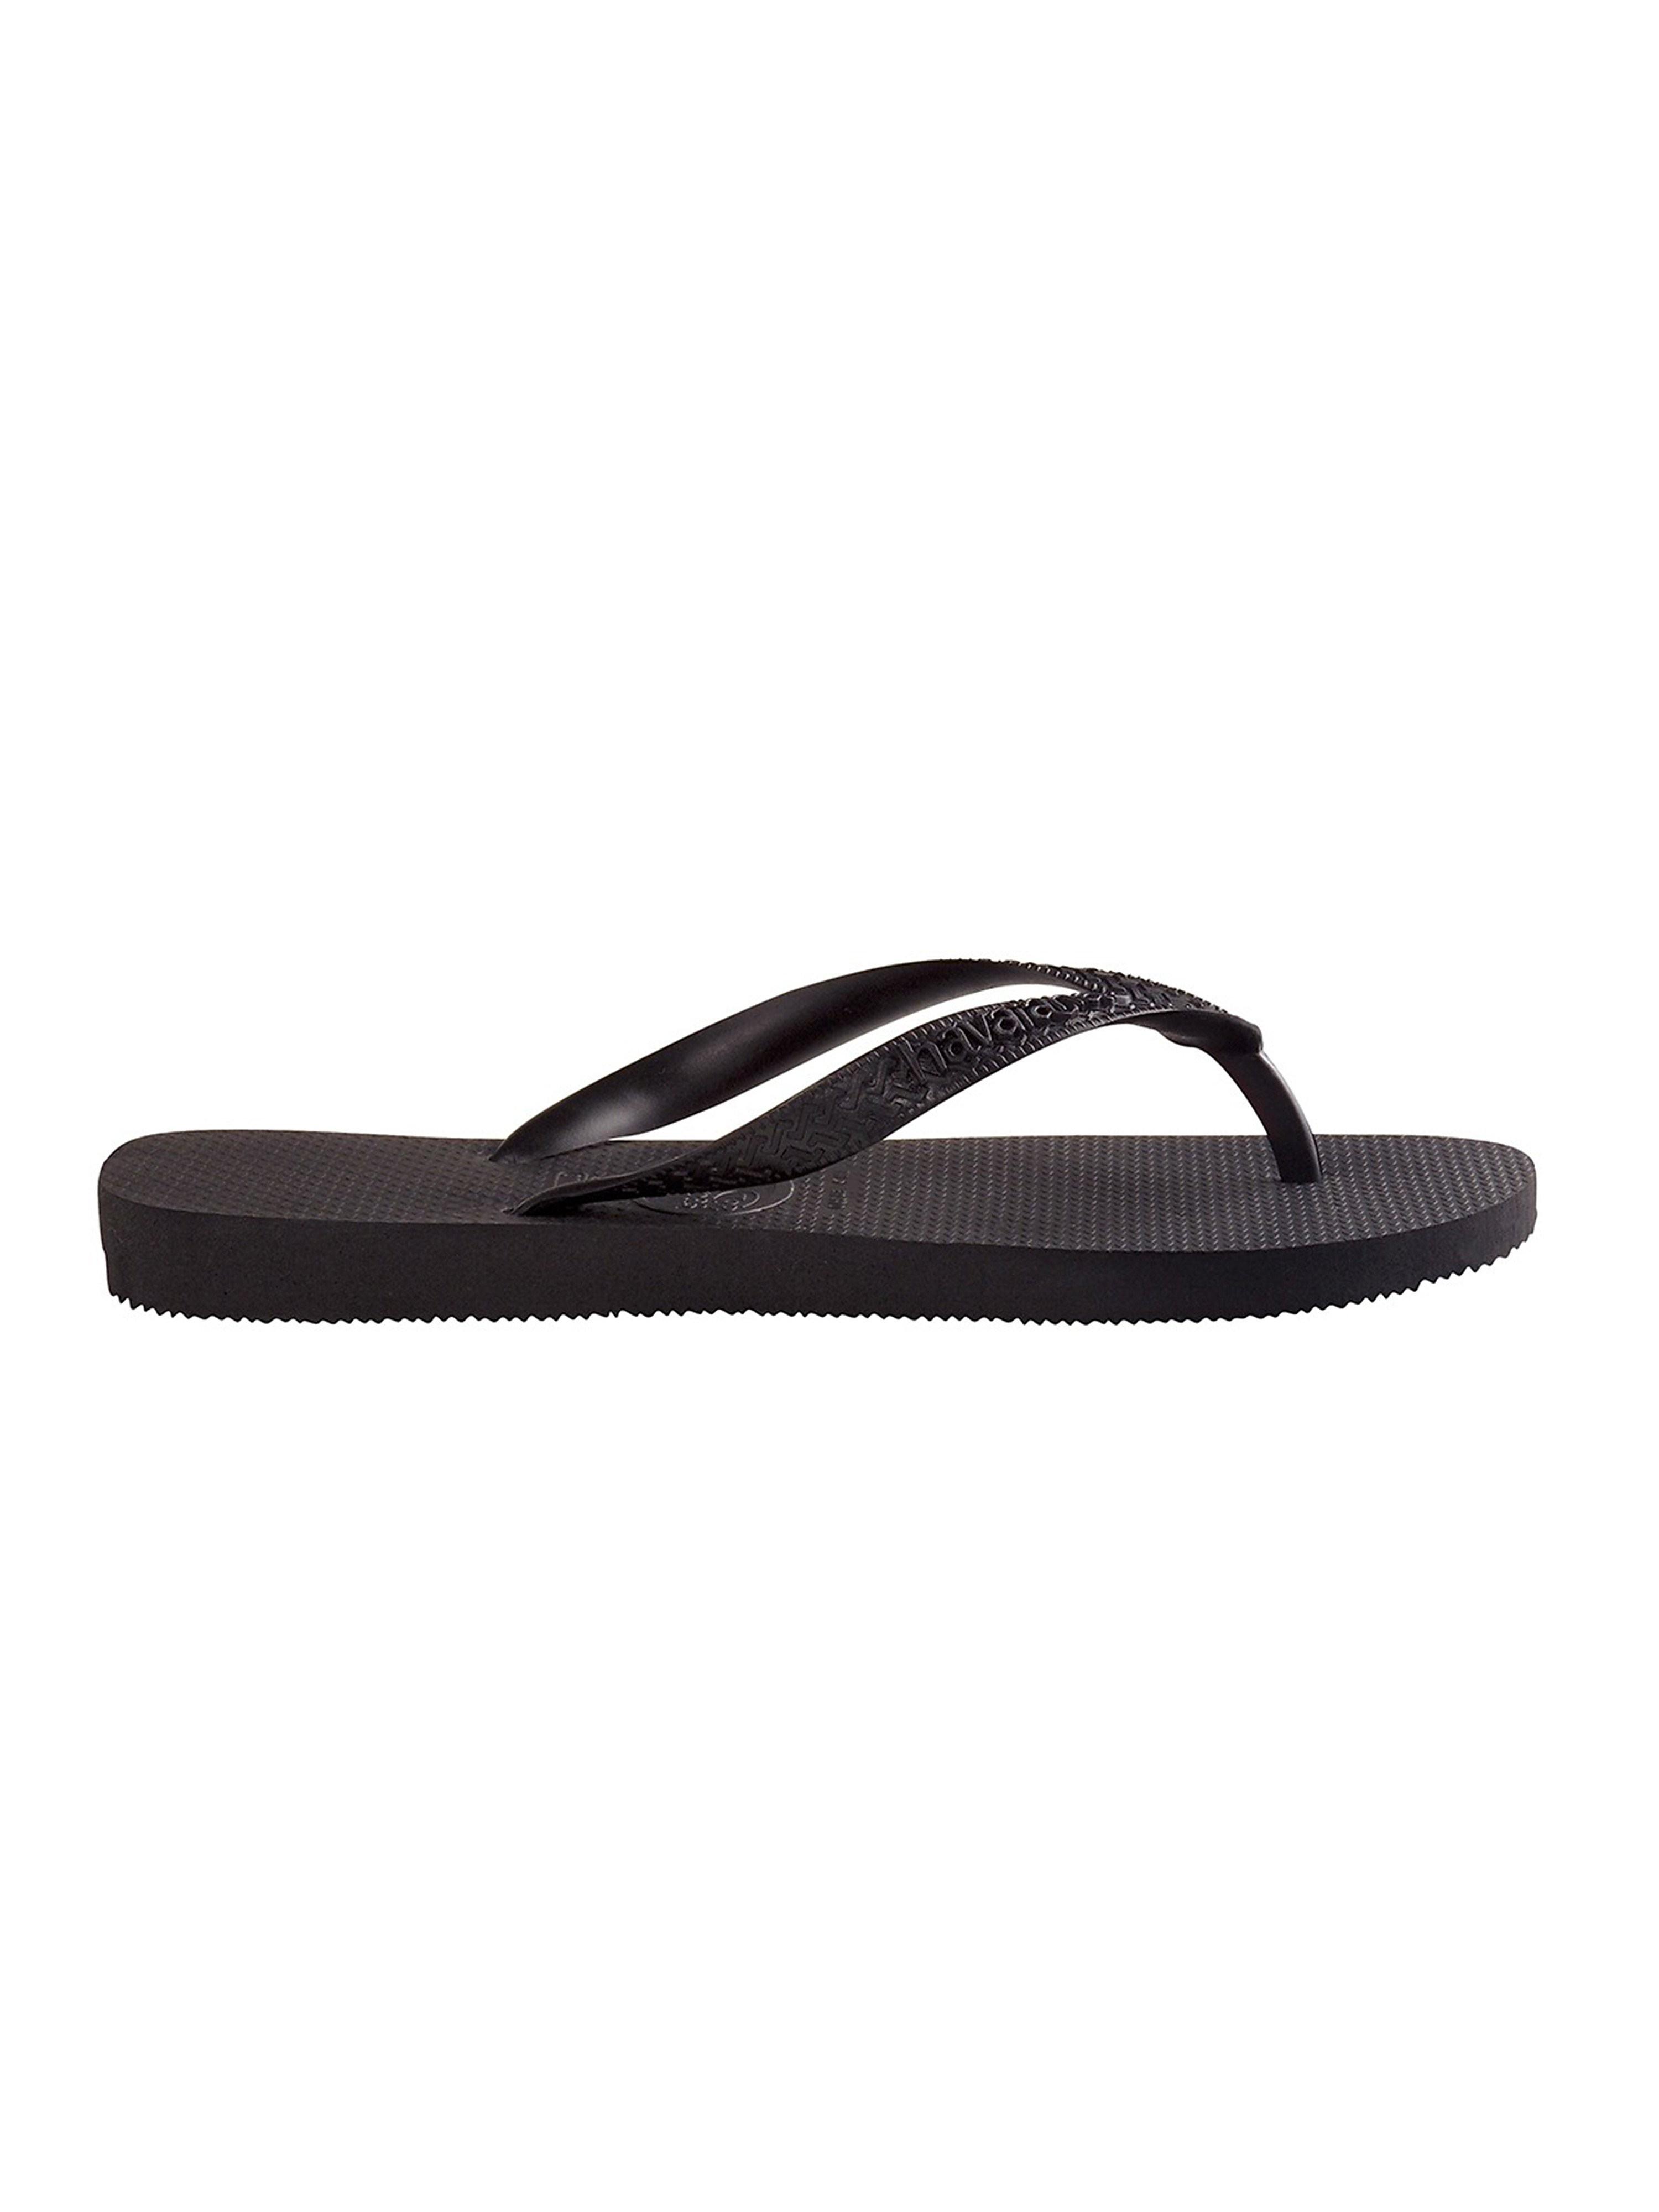 Havaianas Women's Top Flip Flops - Black